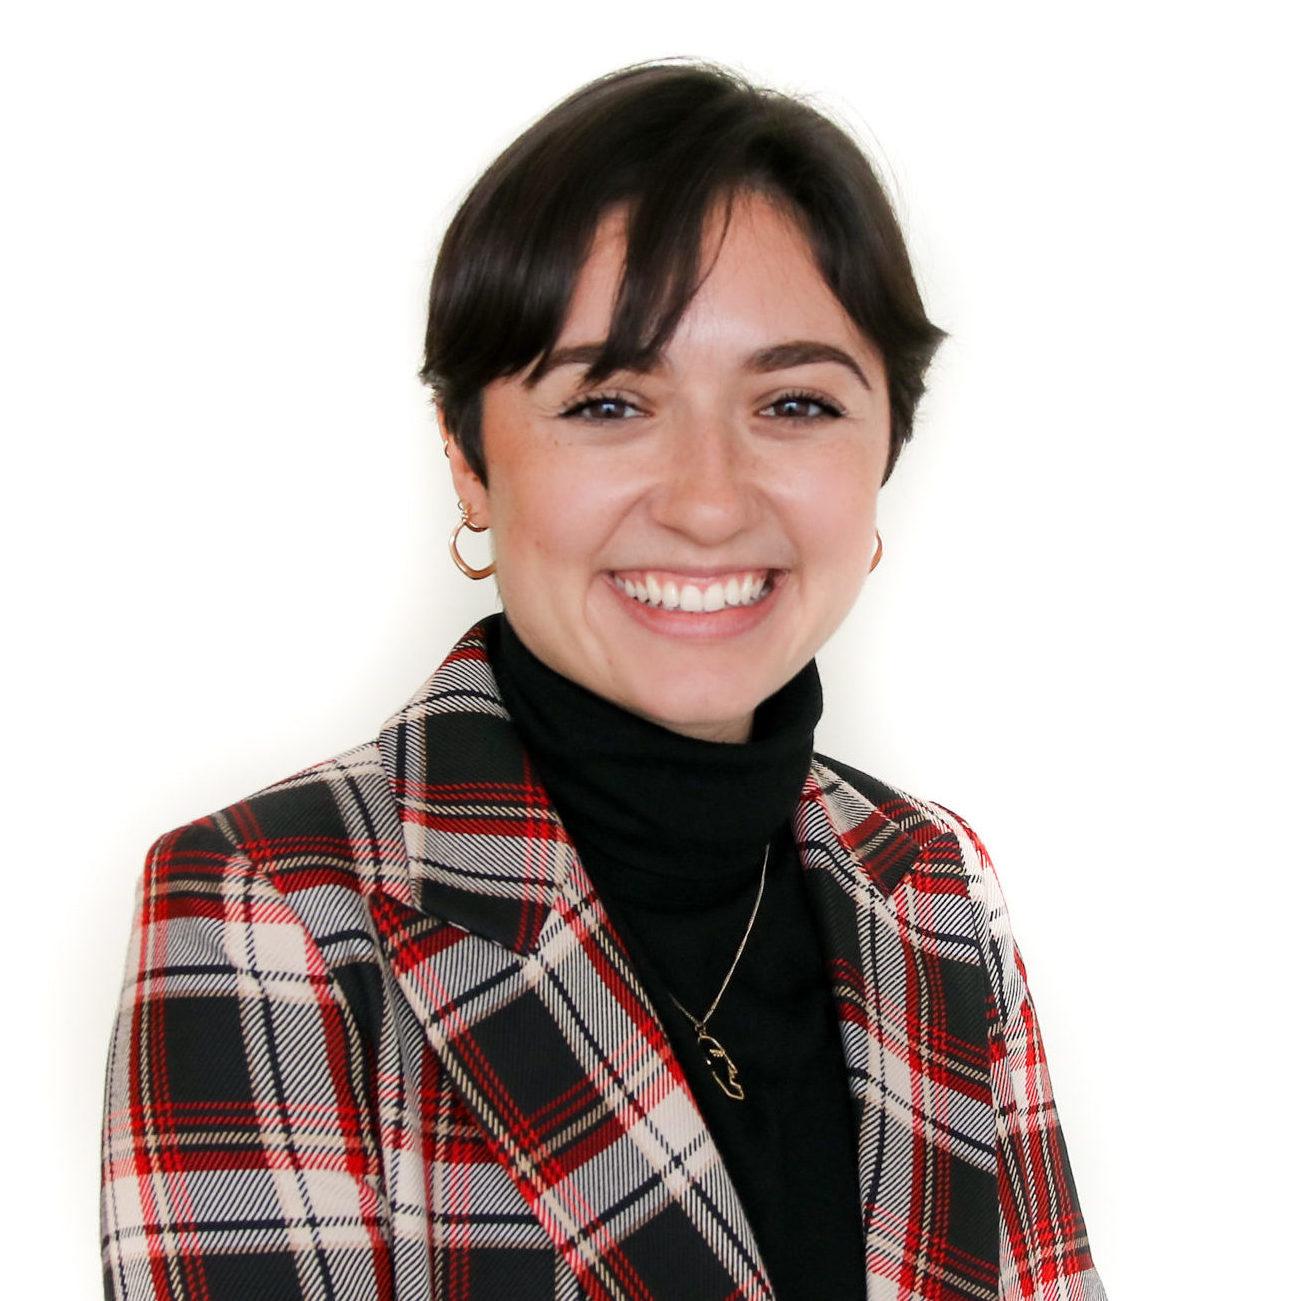 Angelica Sousa